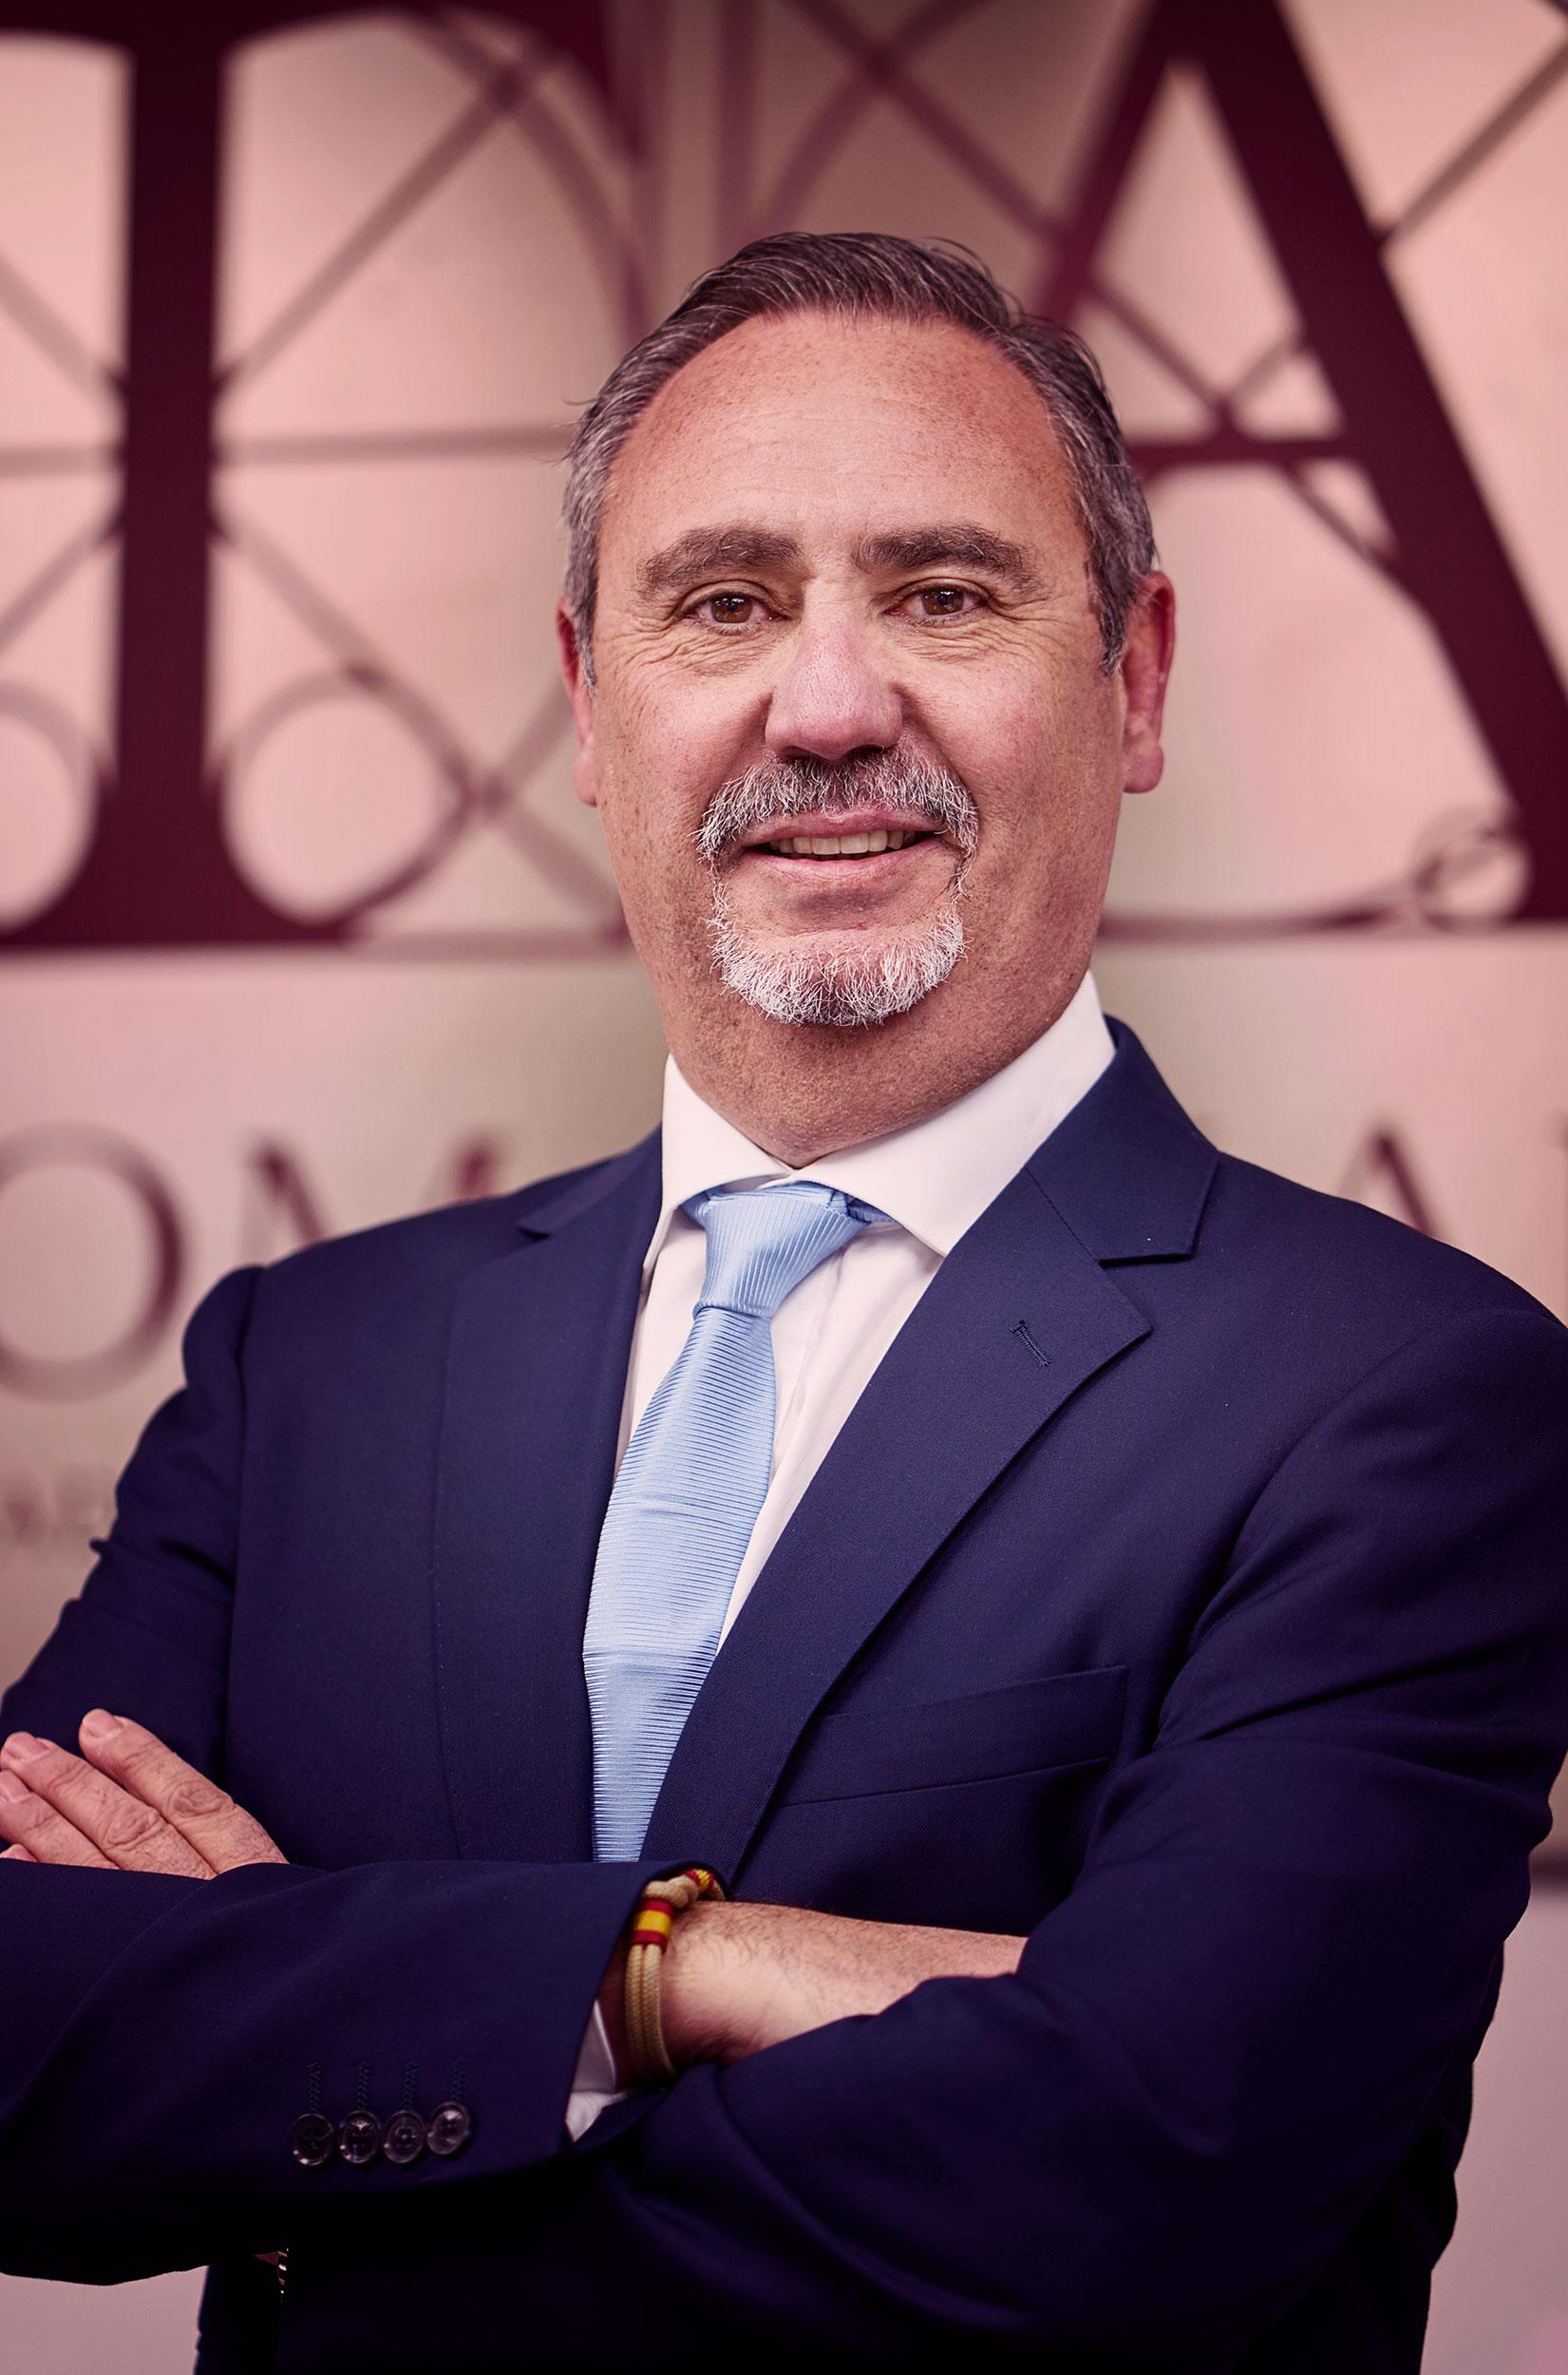 Juan Antonio Soriano Martínez